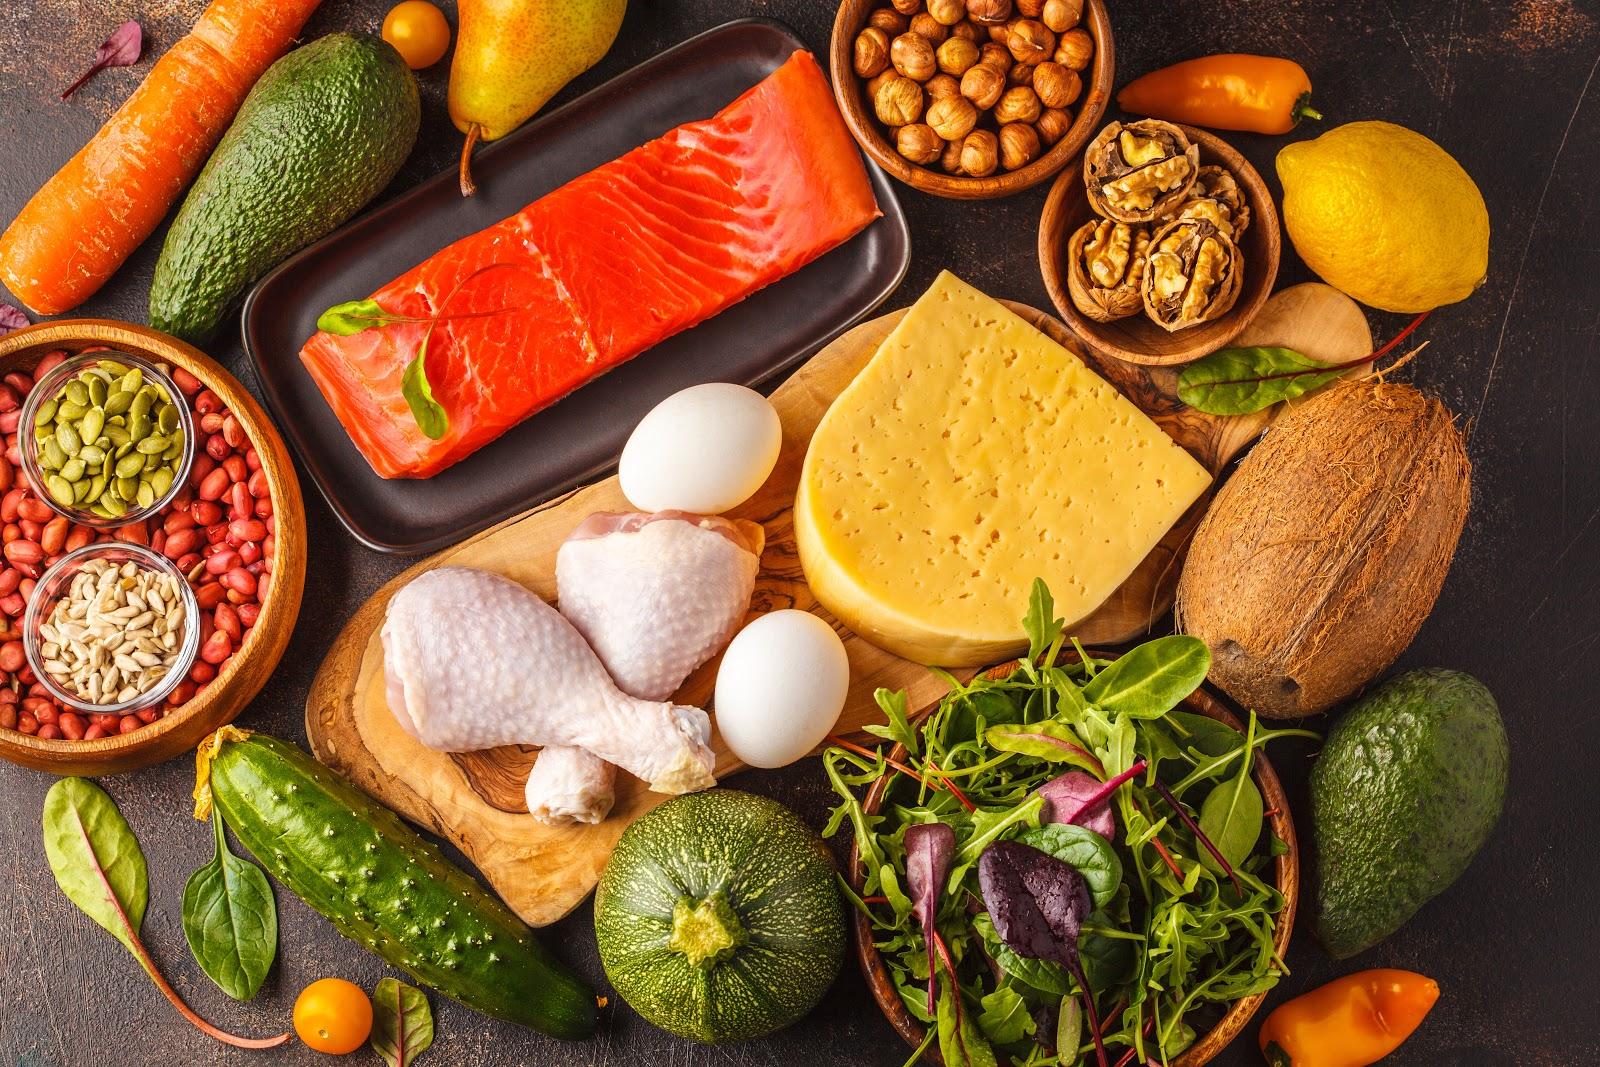 Dieta basada en hidratos de carbono